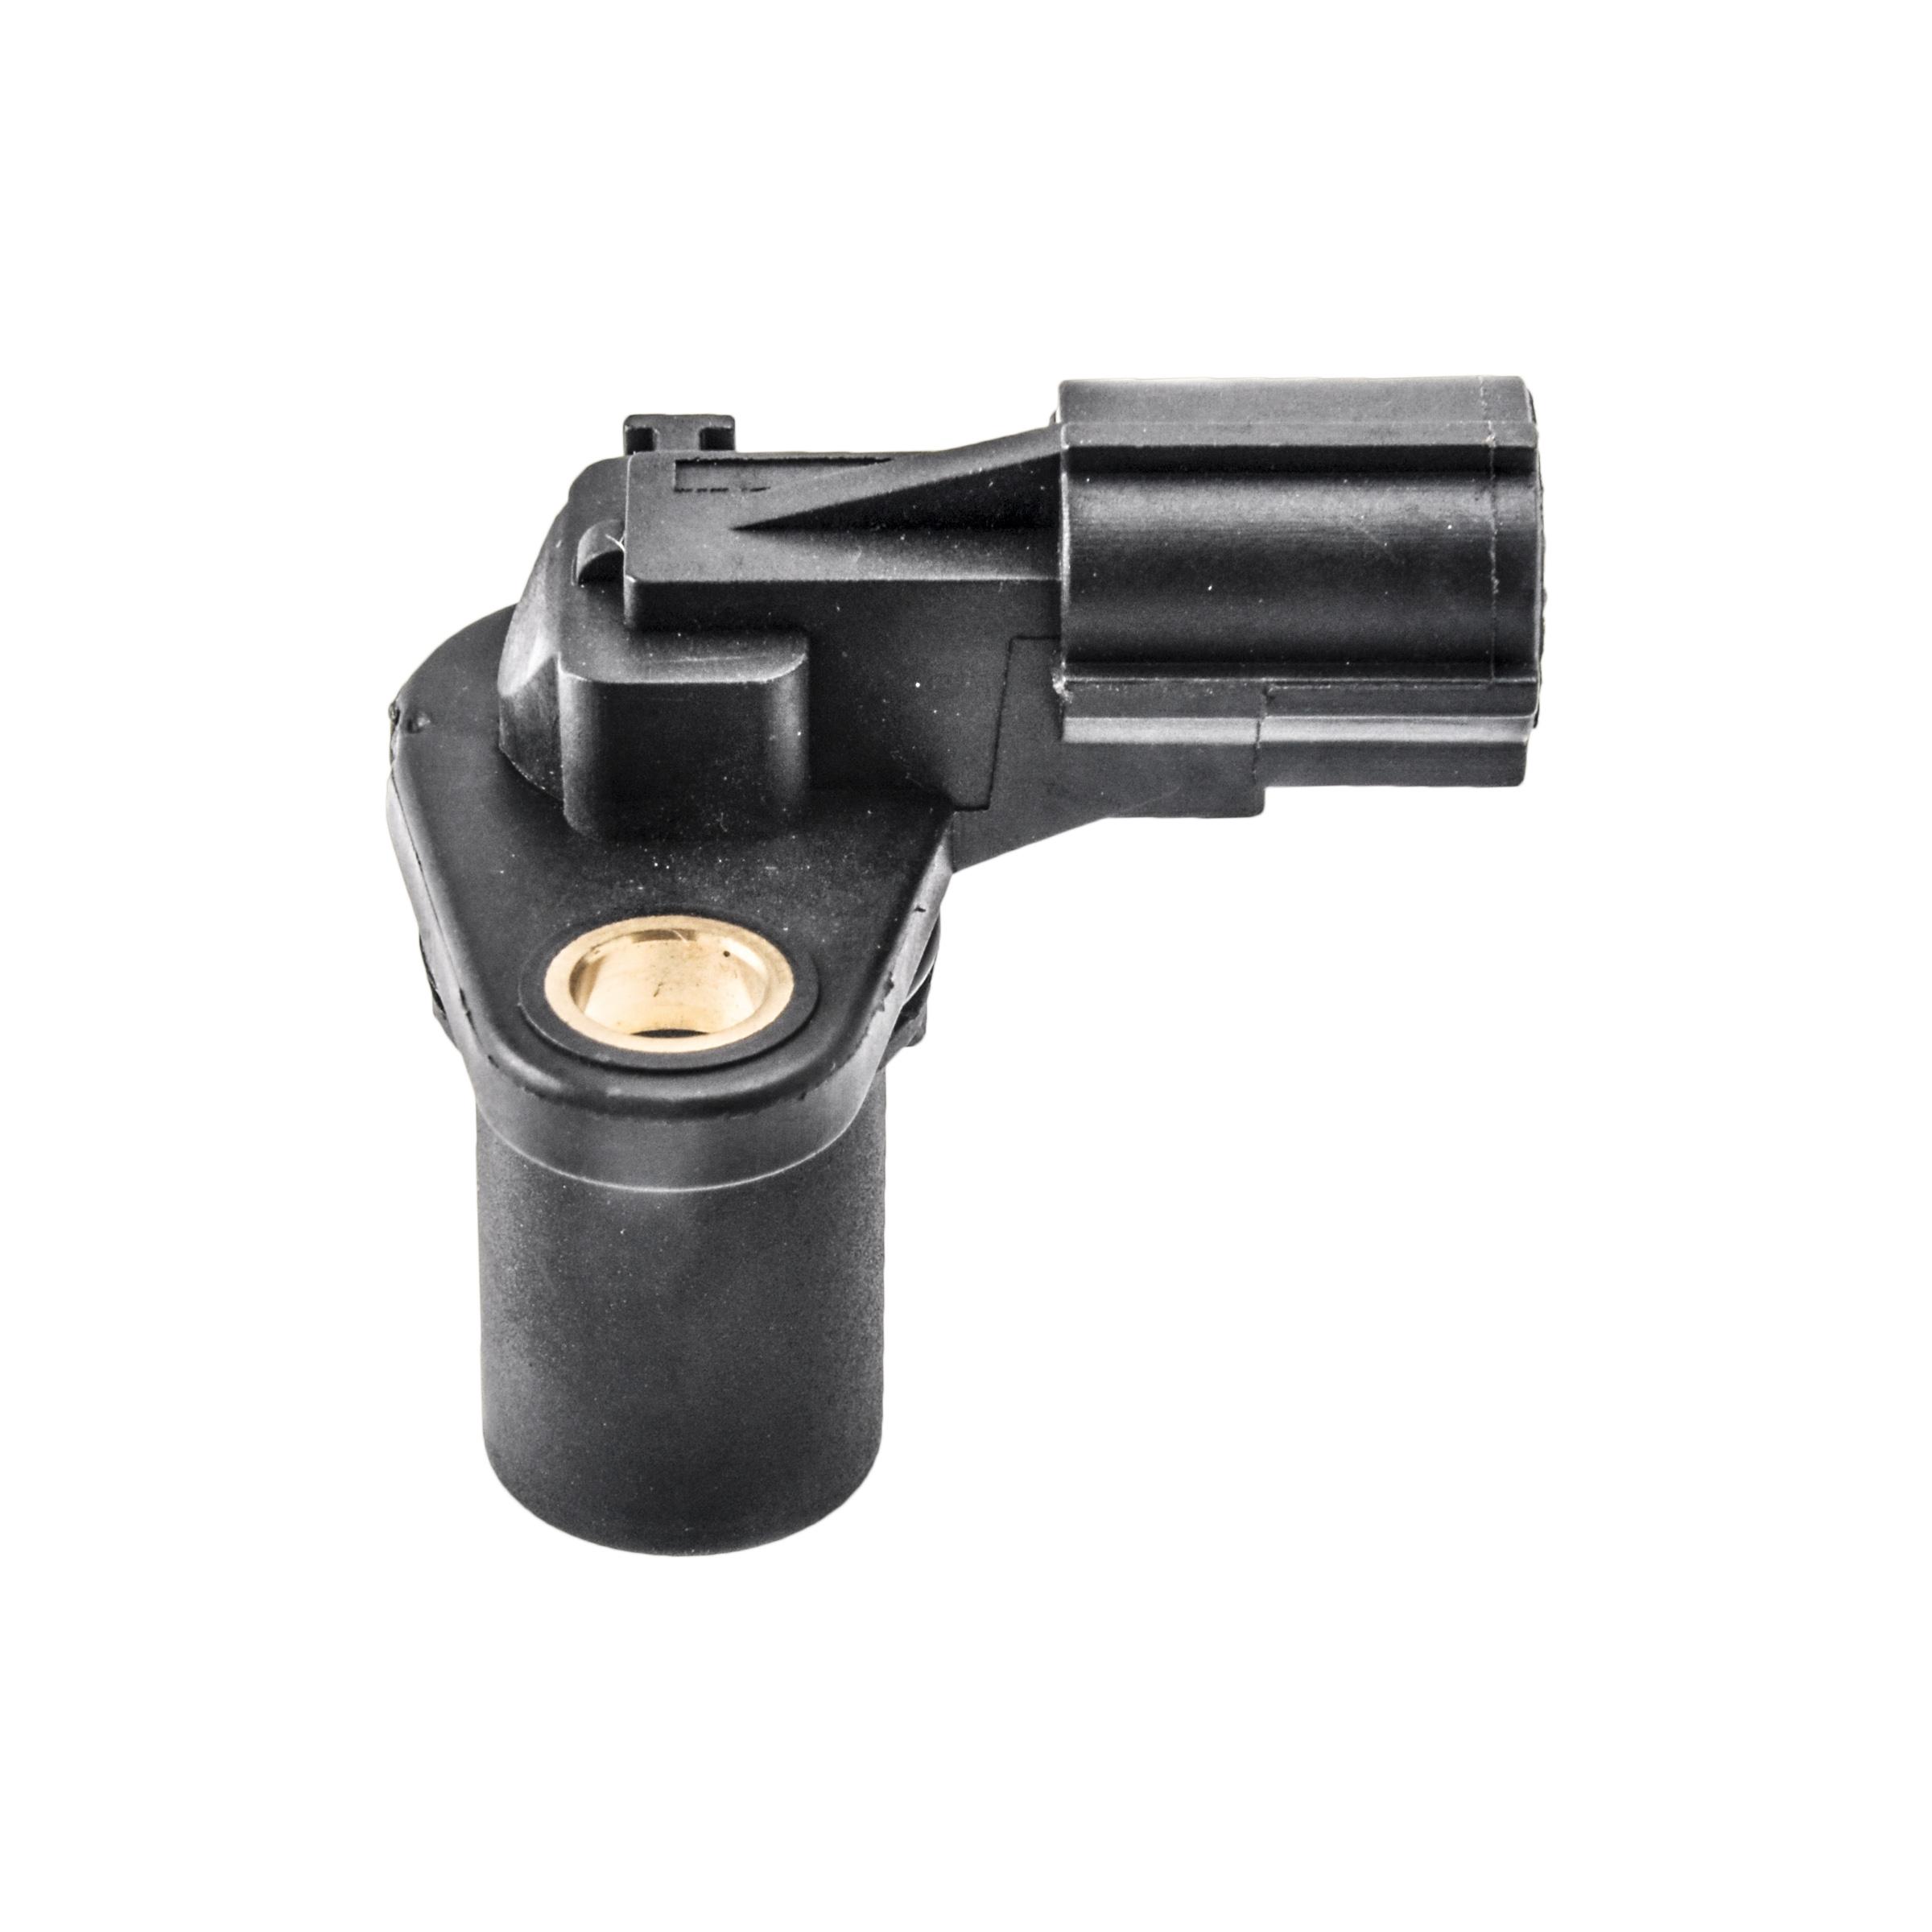 Herko Camshaft Position Sensor CMO3021 For Ford Ranger